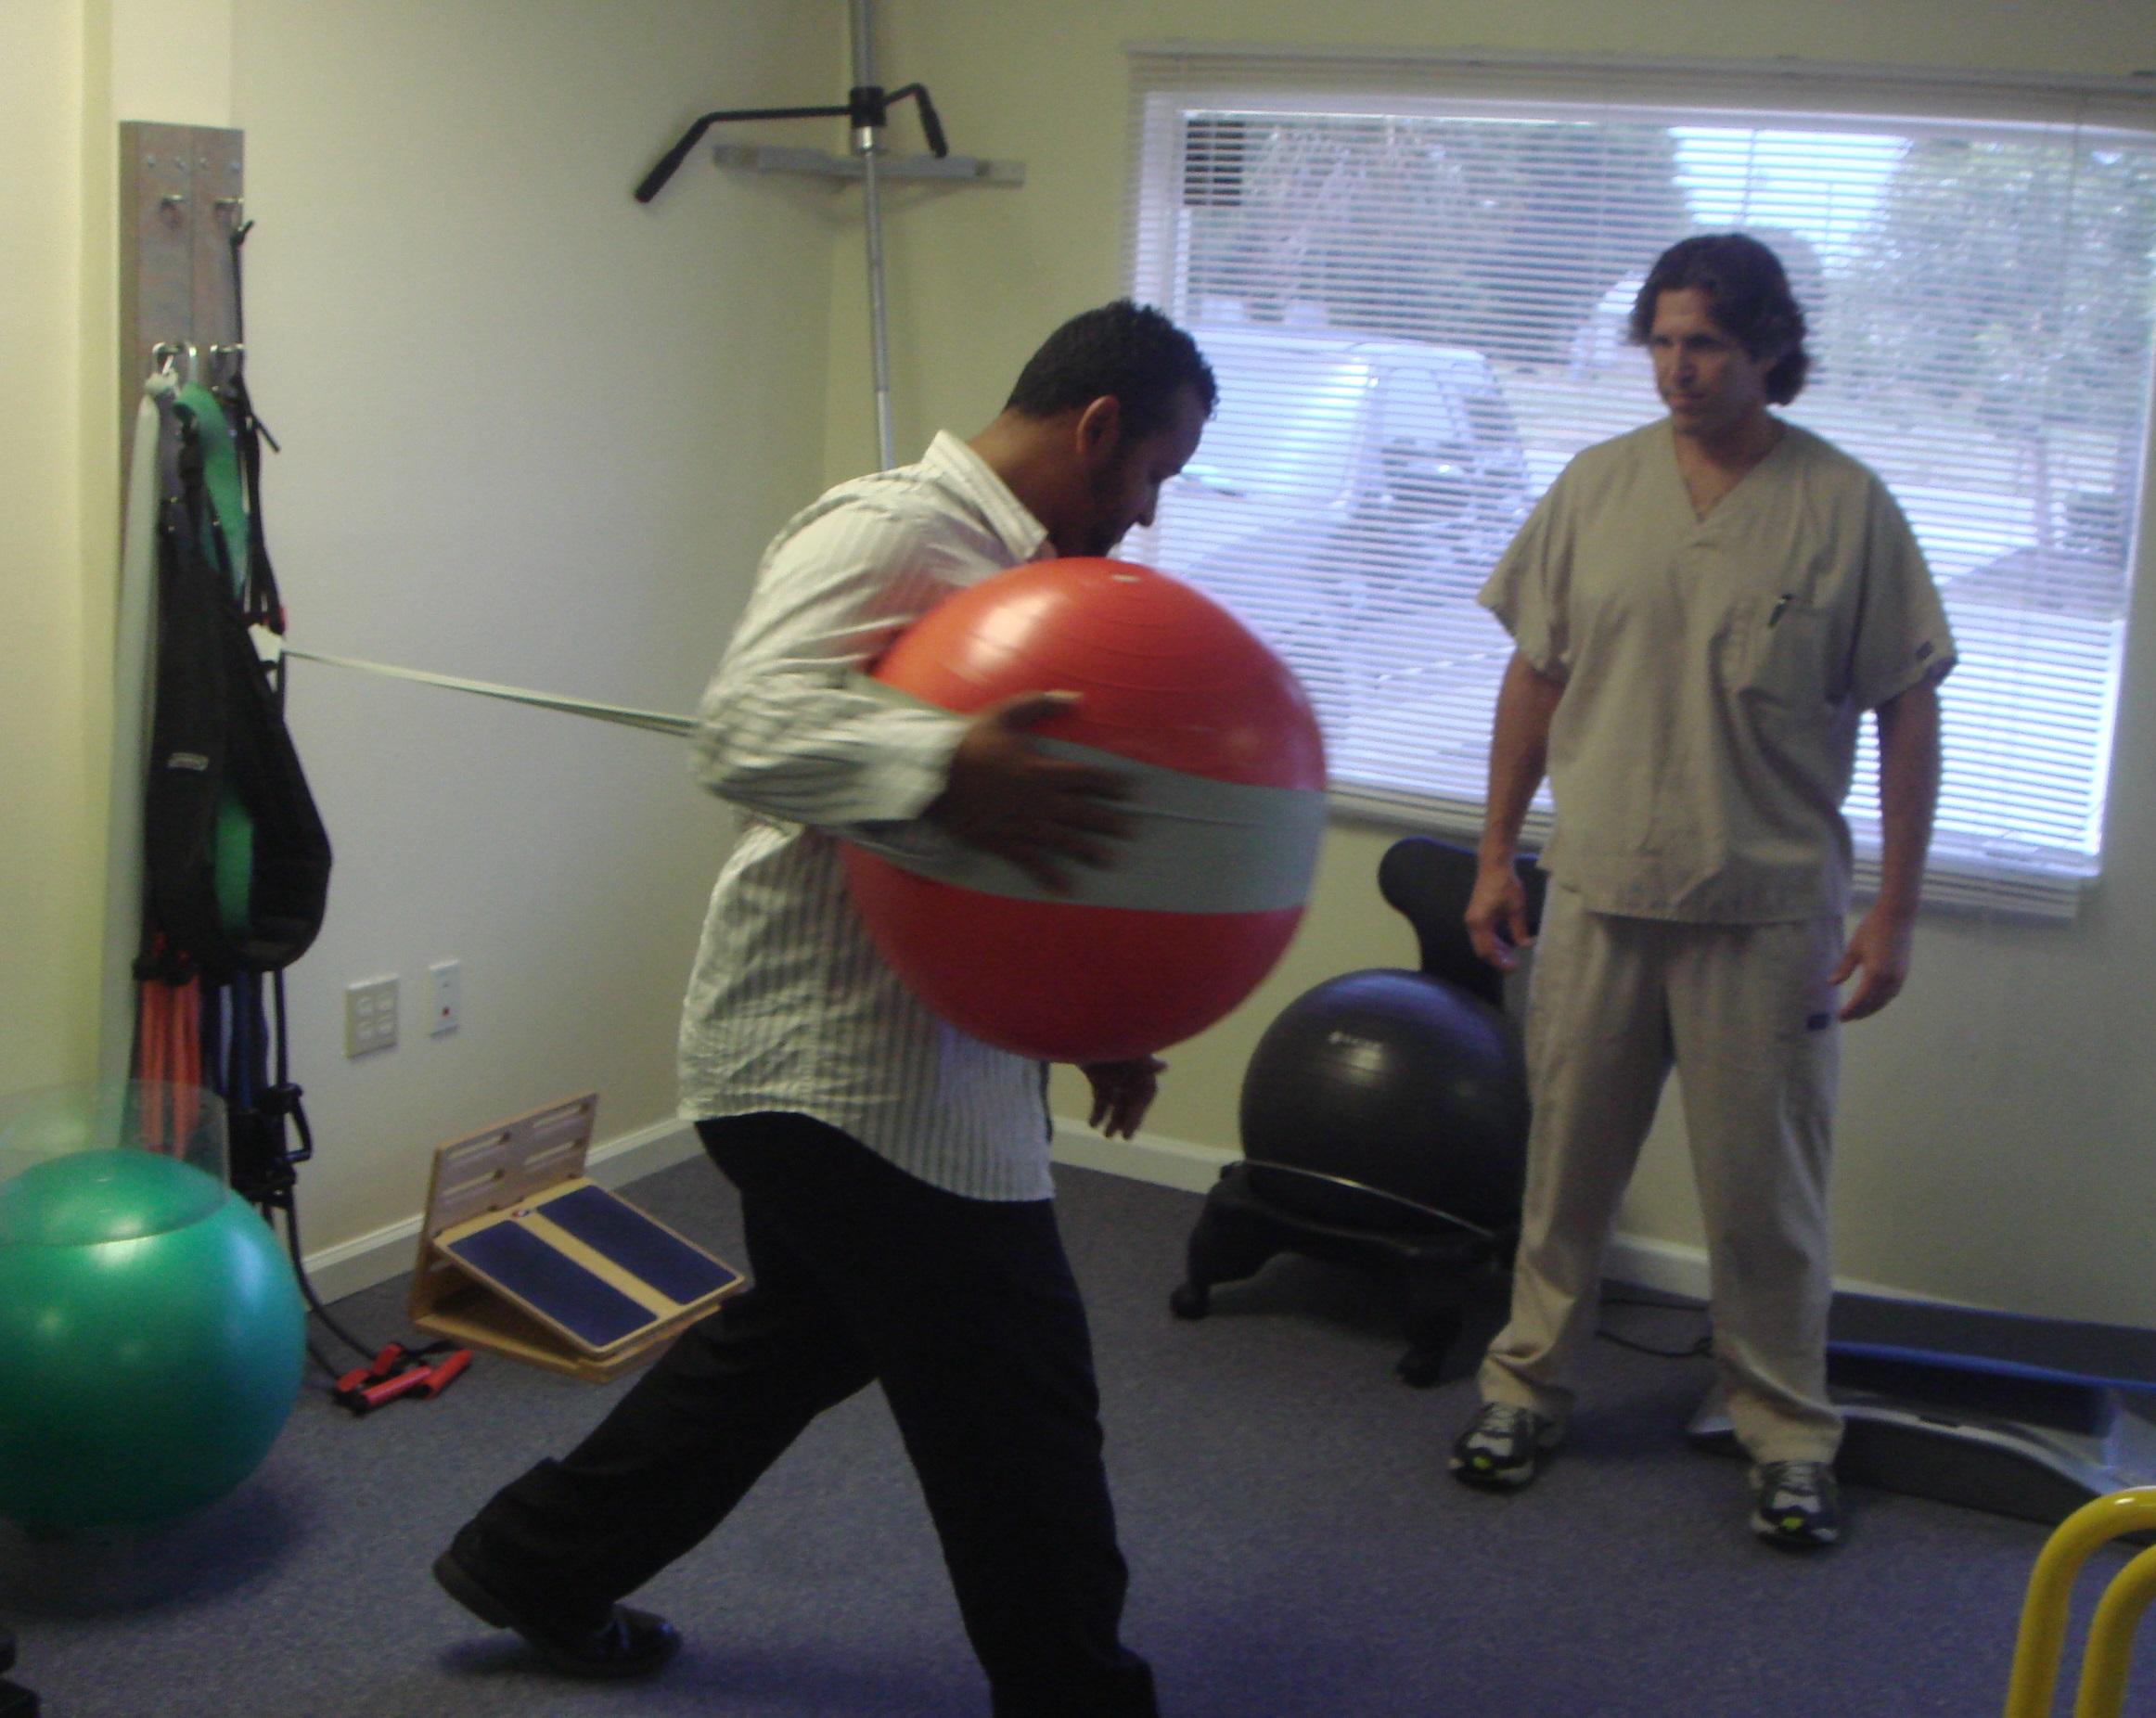 Medicine ball workout exercise.